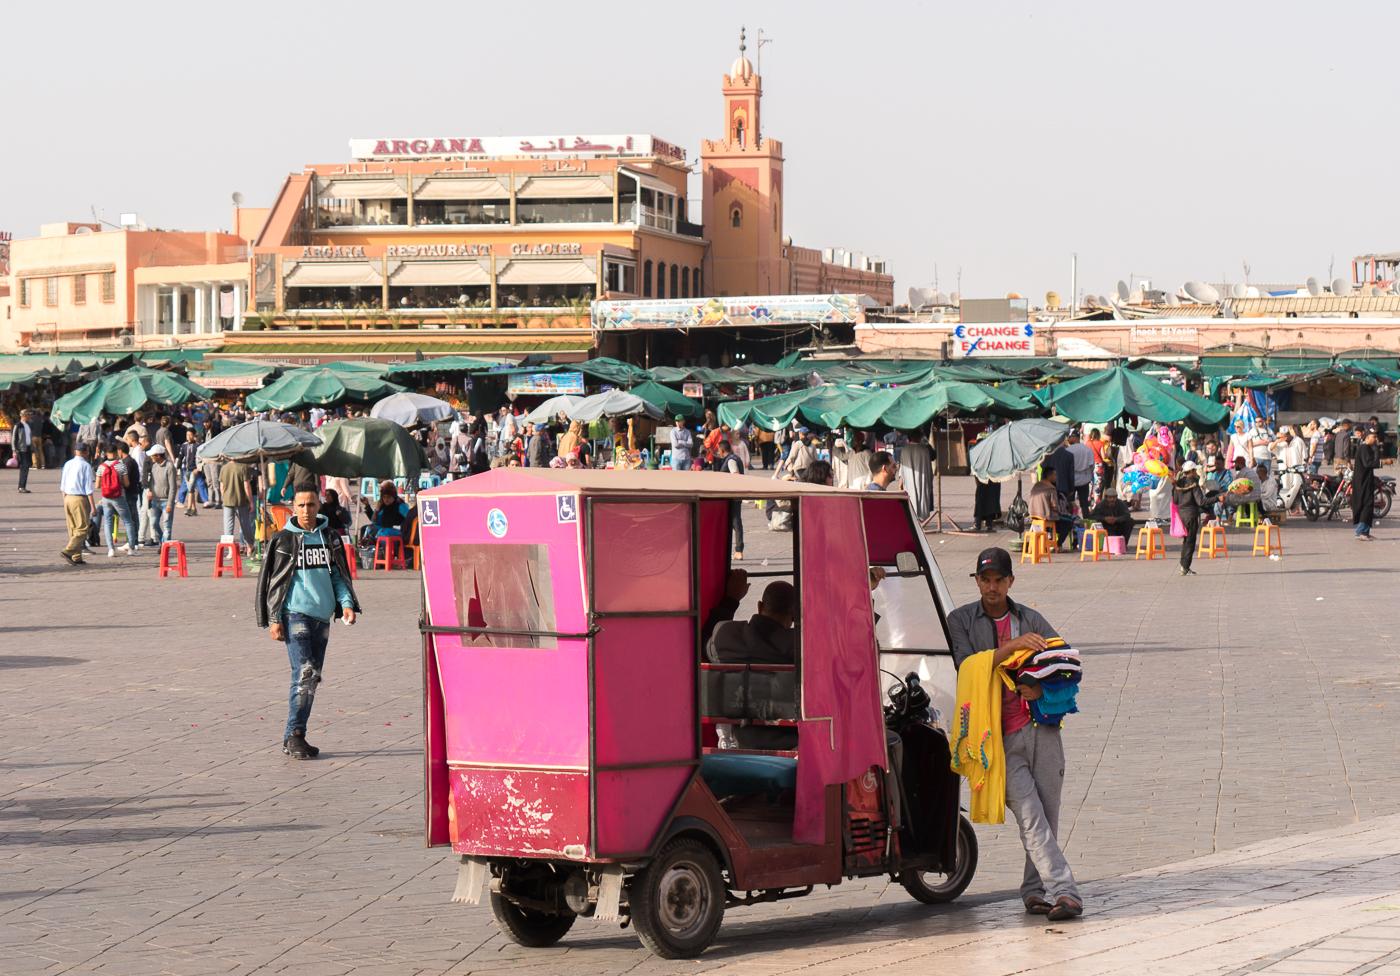 Place Jemaa El Fna - Début de Marrakech Food Tours au Maroc